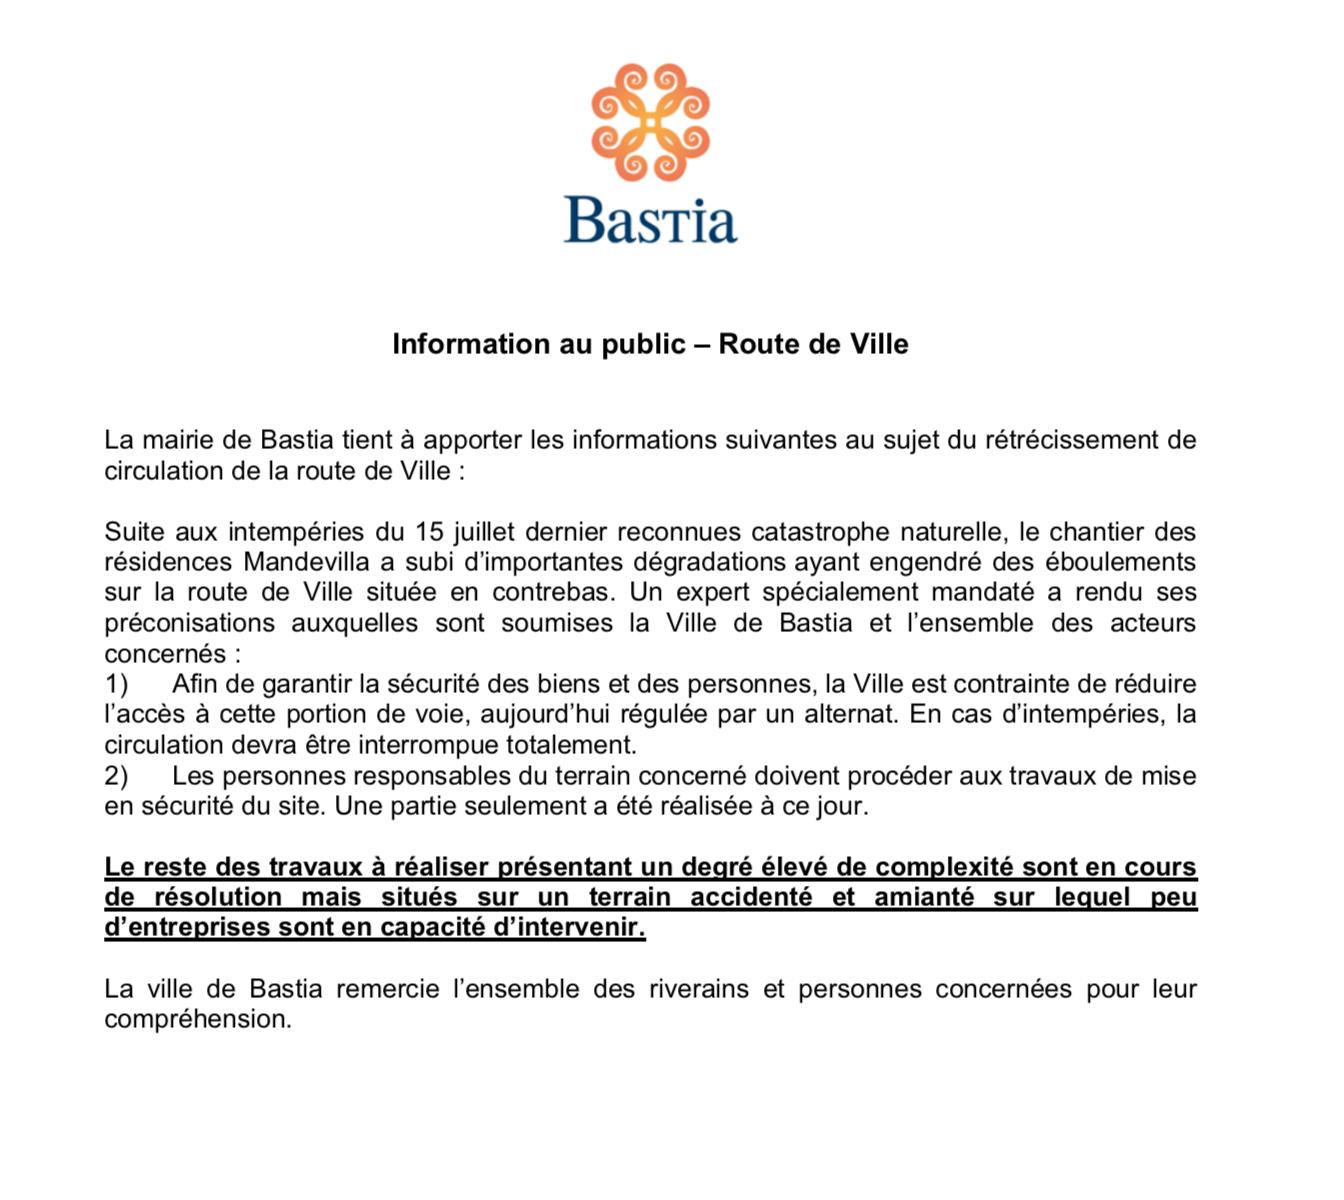 Intempéries à Bastia : Une portion de la route de Ville fermée